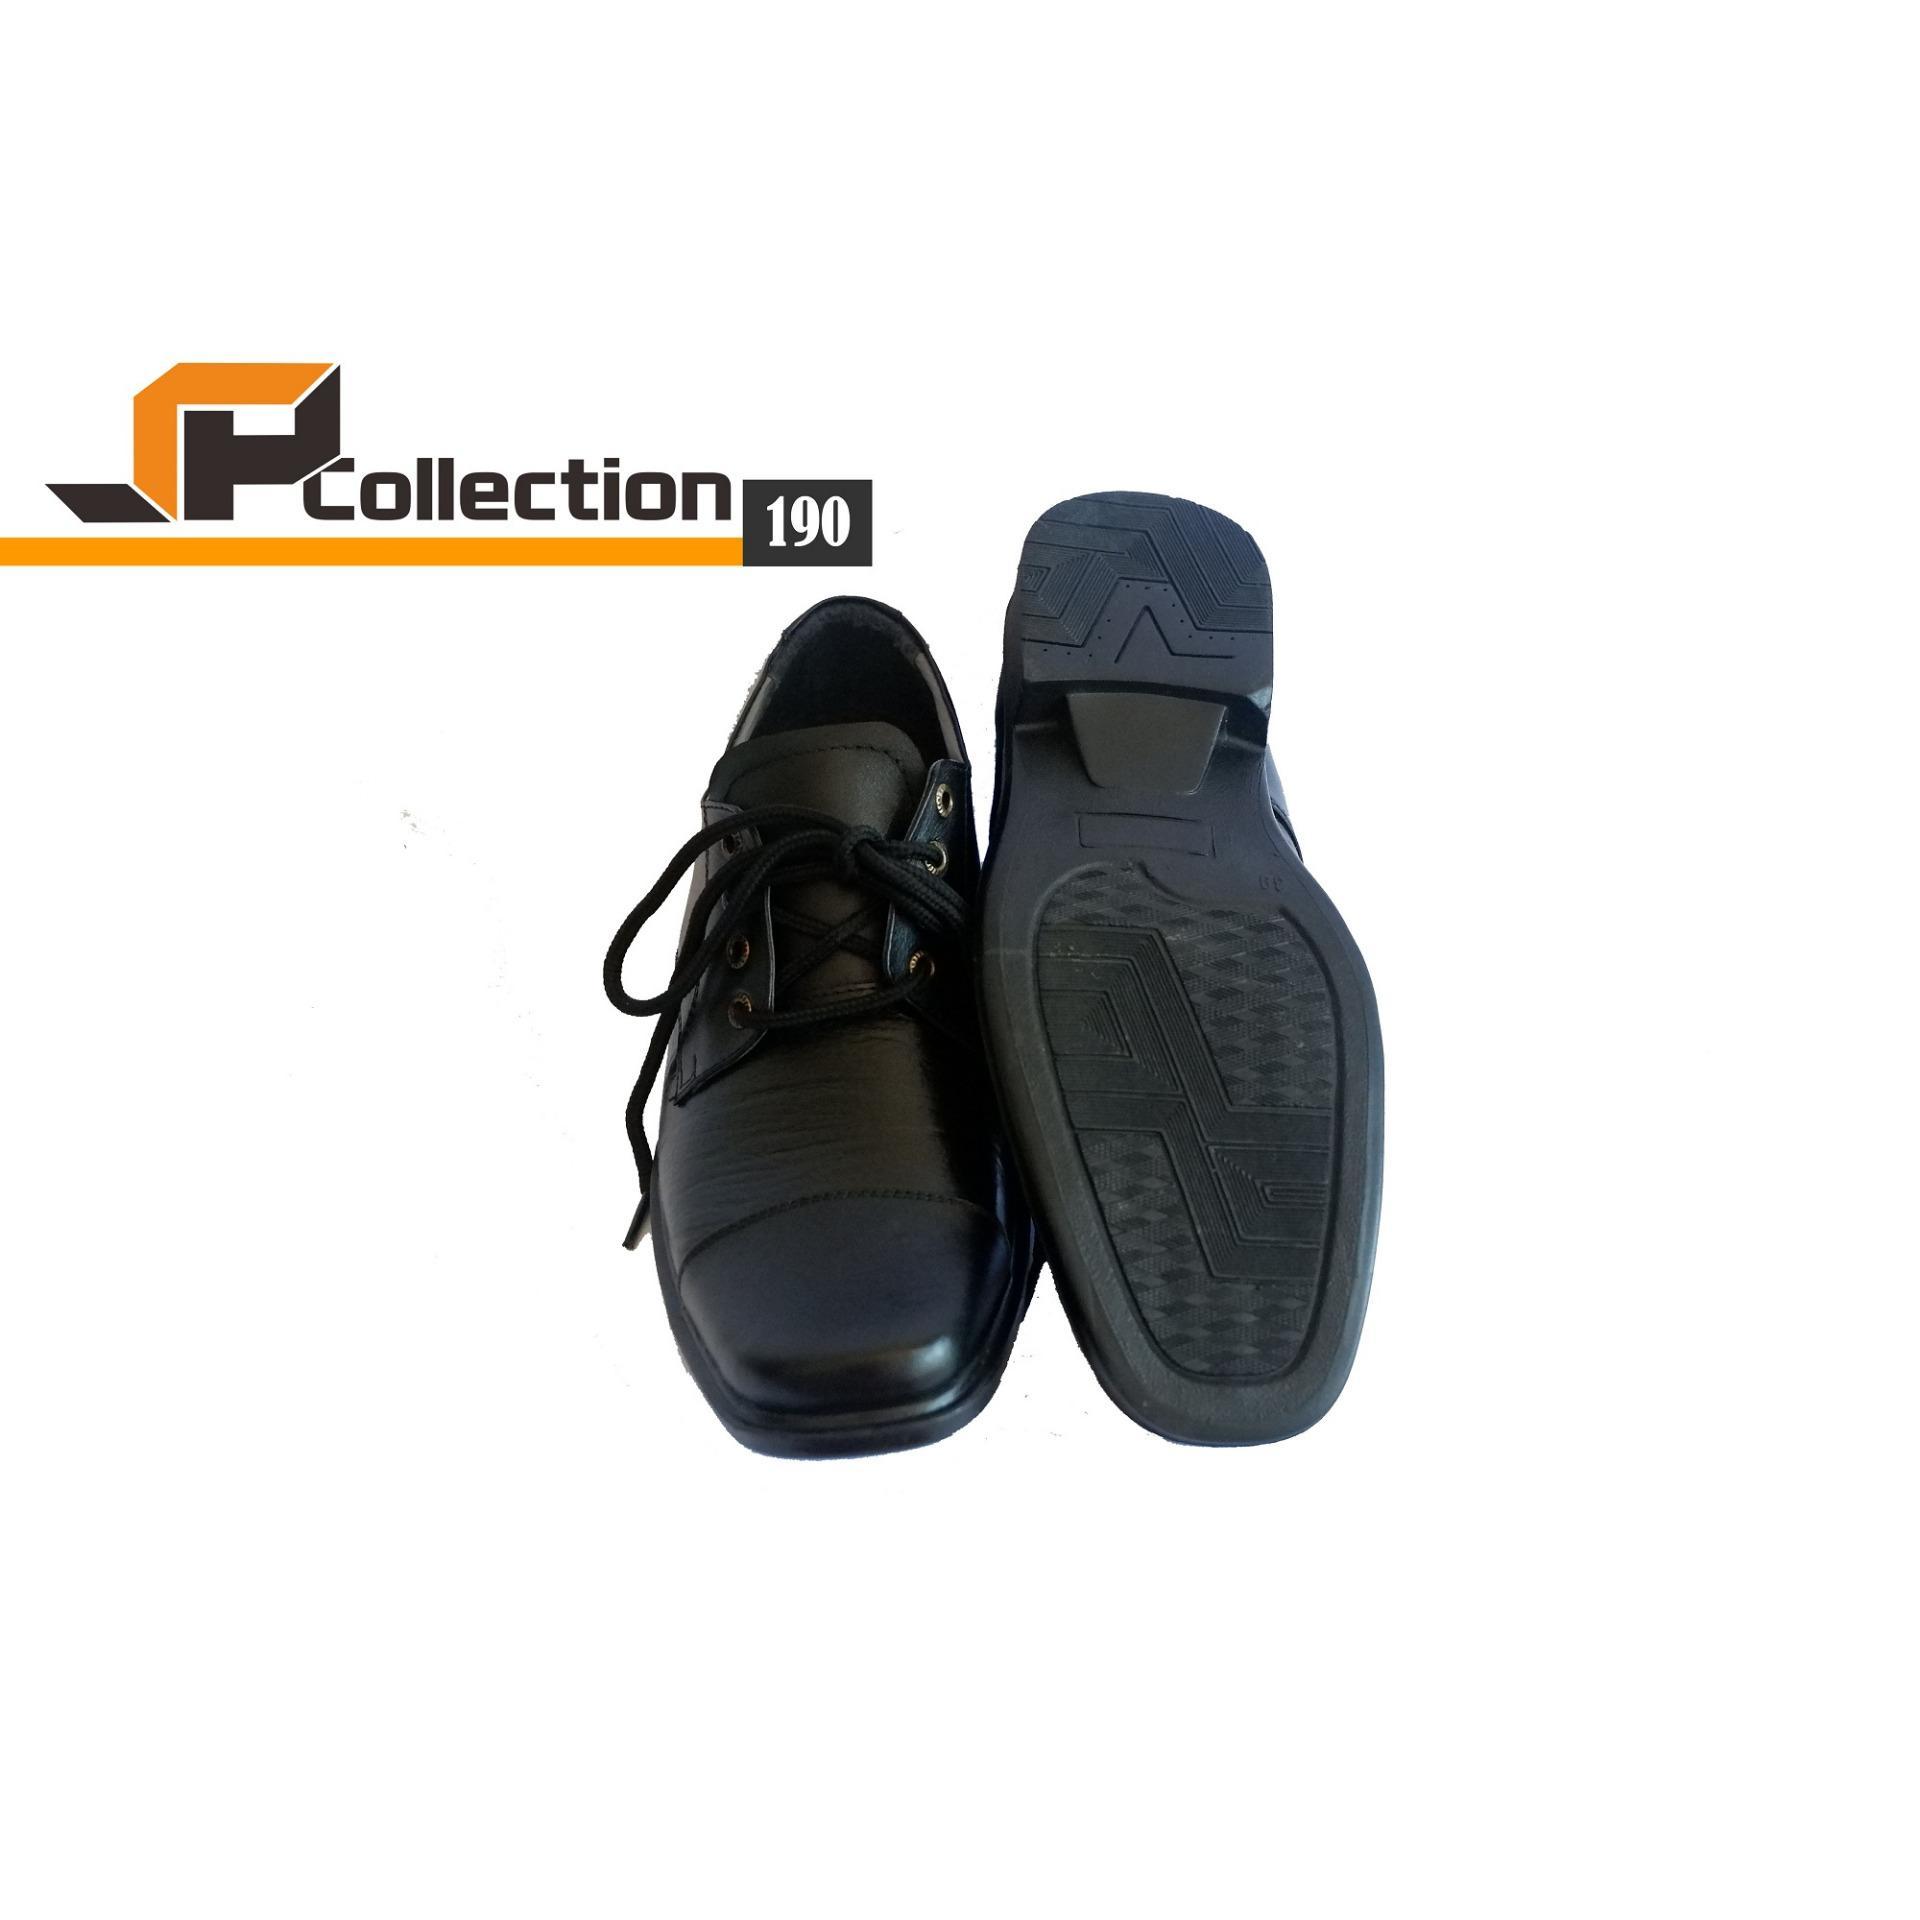 SPATOO Sepatu Pantofel Kulit Asli 190 - Hitam   Sepatu Pantofel Pria   Sepatu  Pria Murah 1c5b5975bc